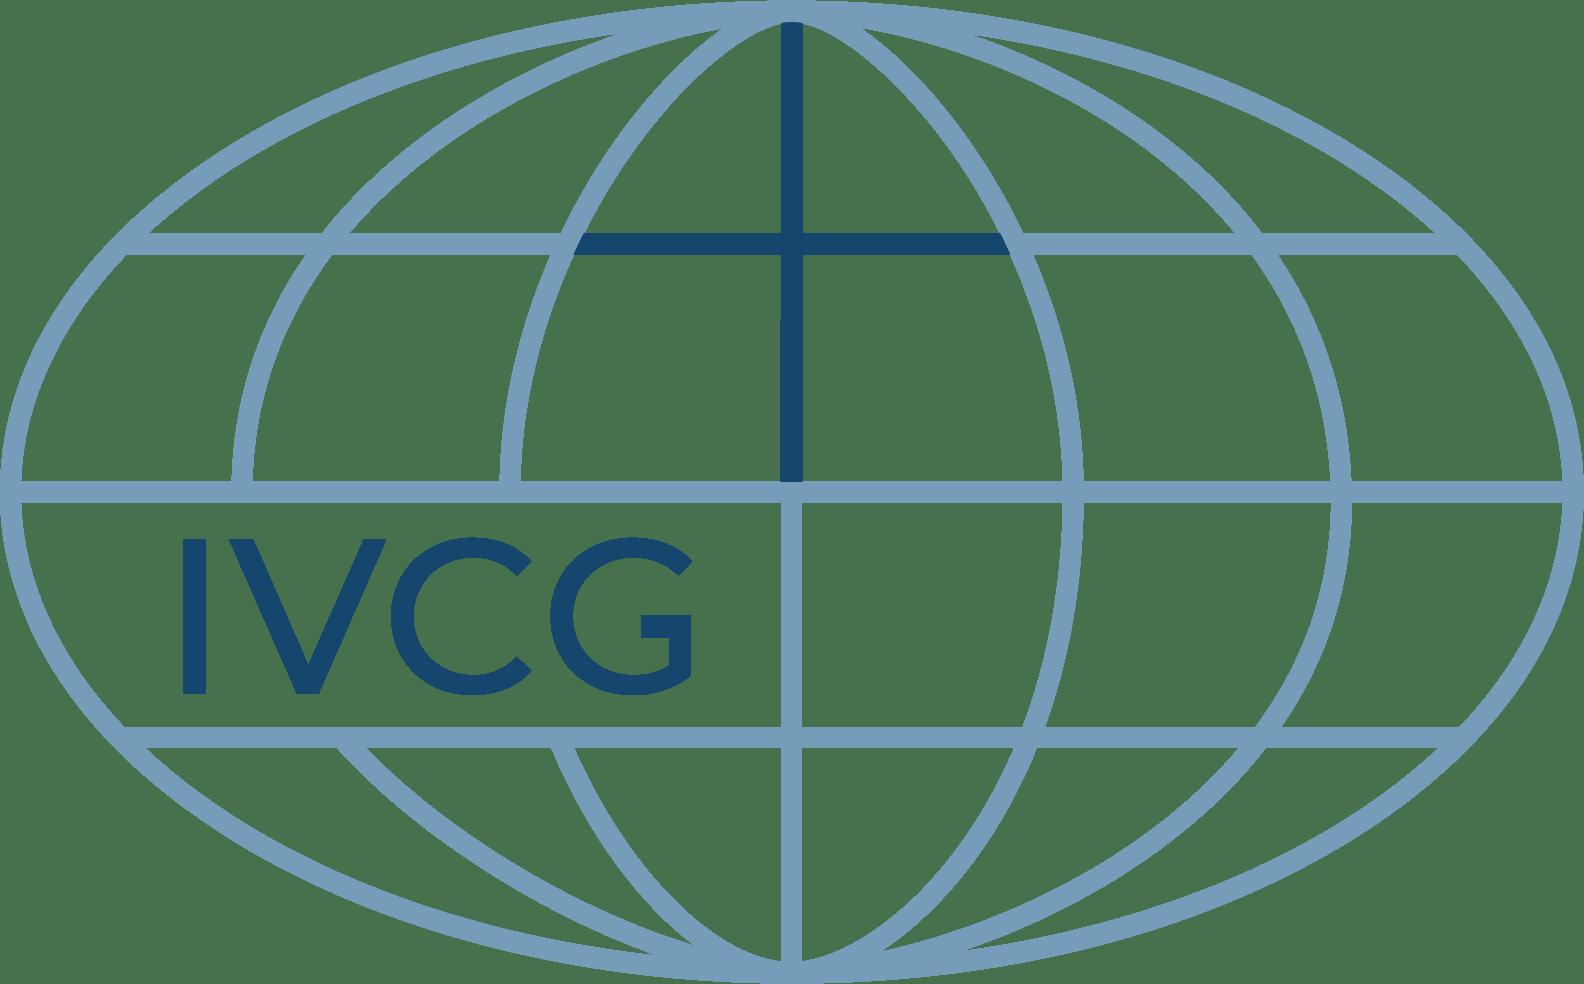 IVCG_Logo